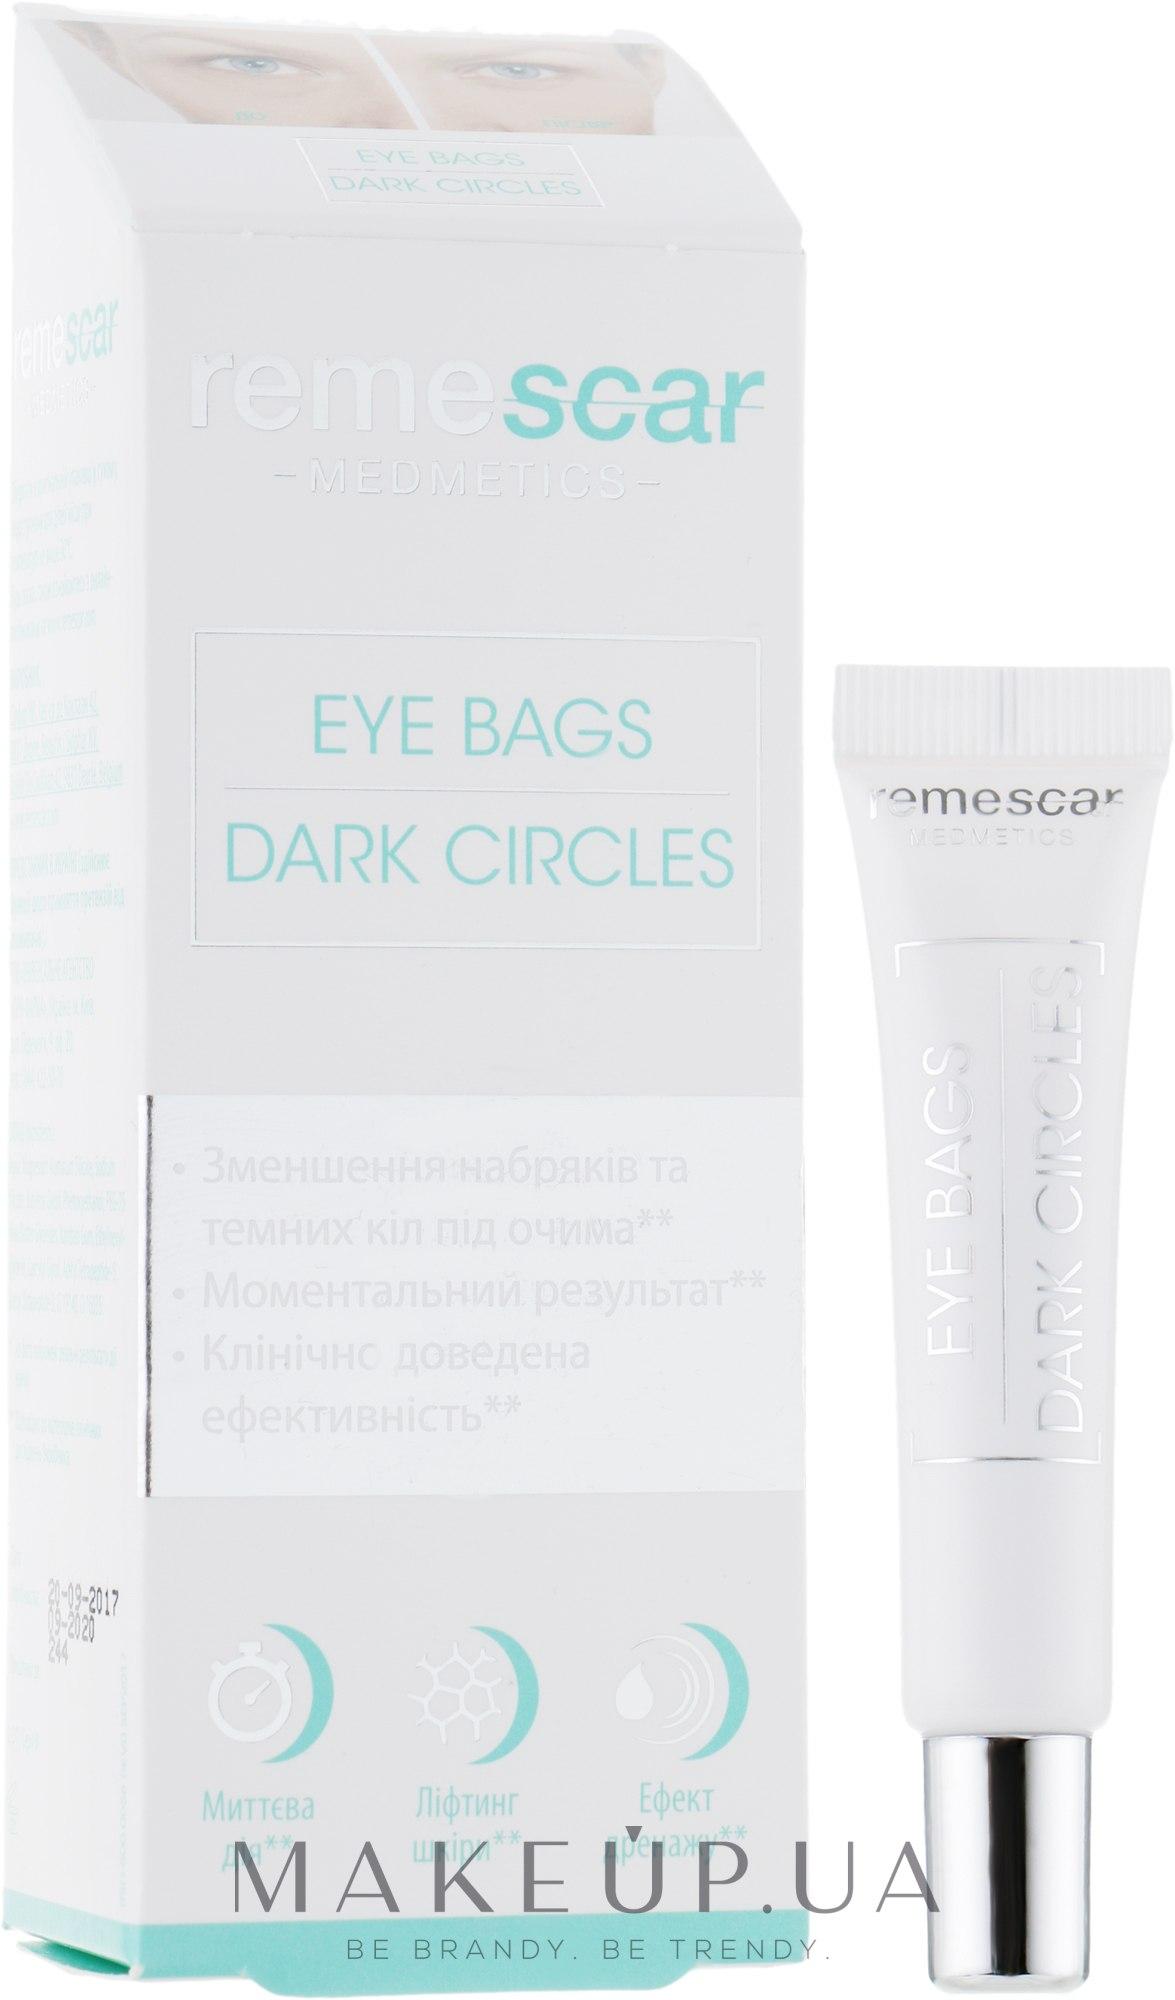 Как убрать мешки под глазами - хирургическая и косметологическая коррекция